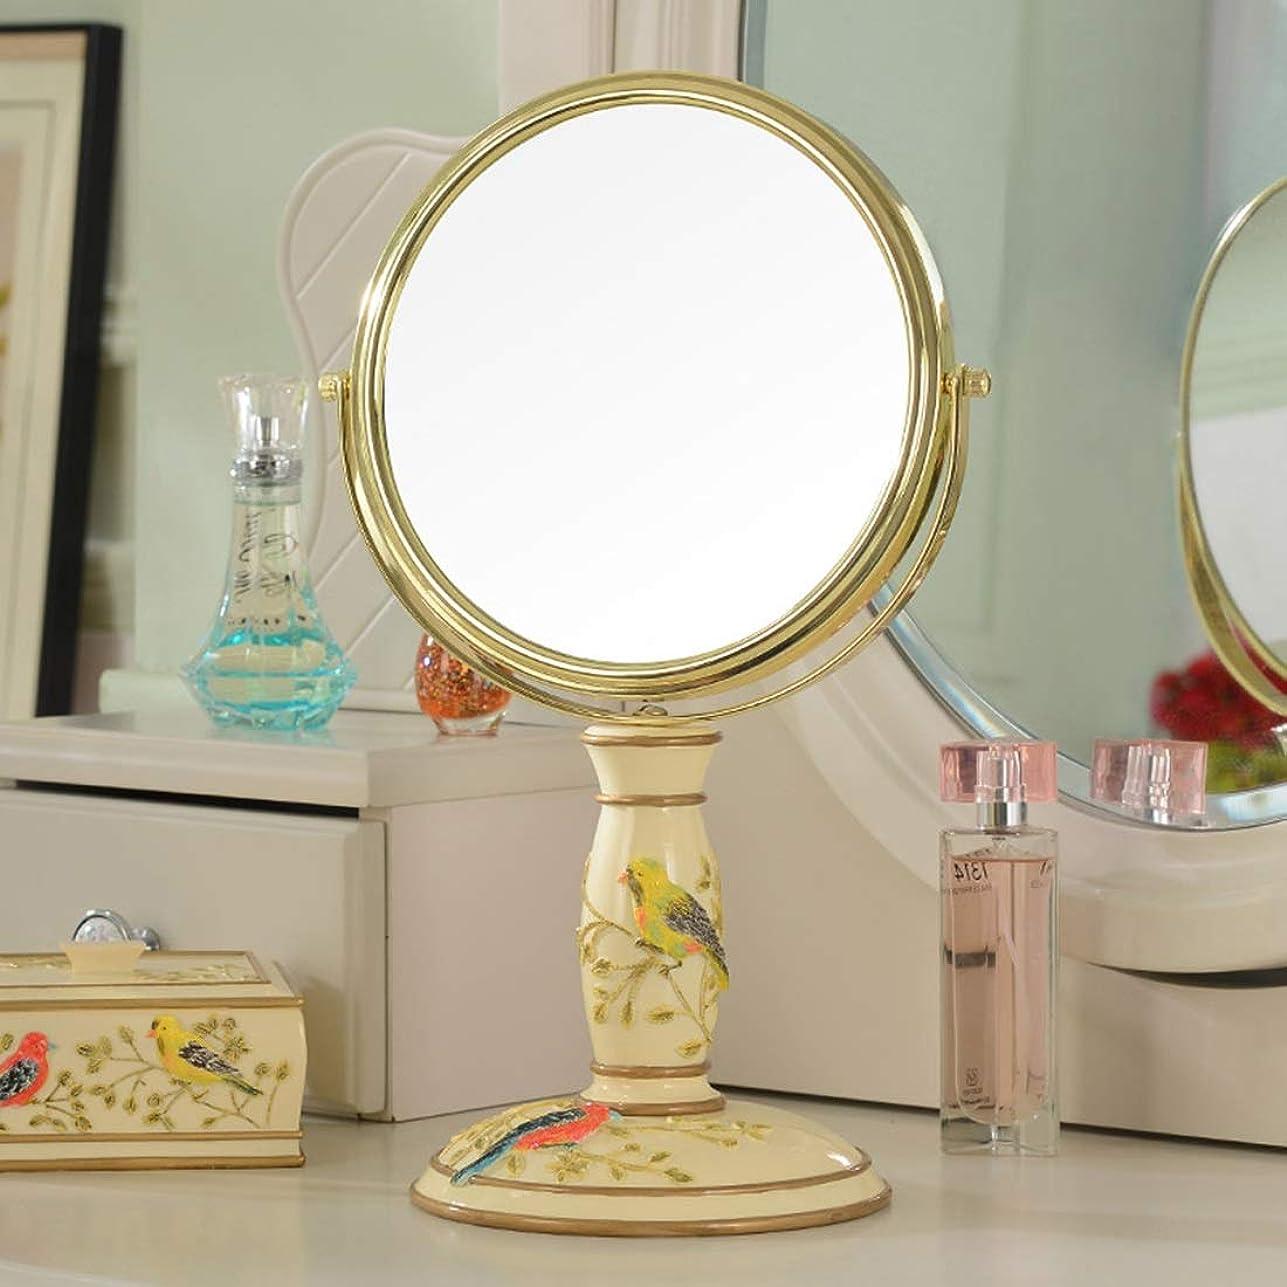 移動ターミナル彼女自身Amaiai 両面バニティミラーデスクトップバニティミラー3次元救済ミラー (色 : Beaming makeup mirror)